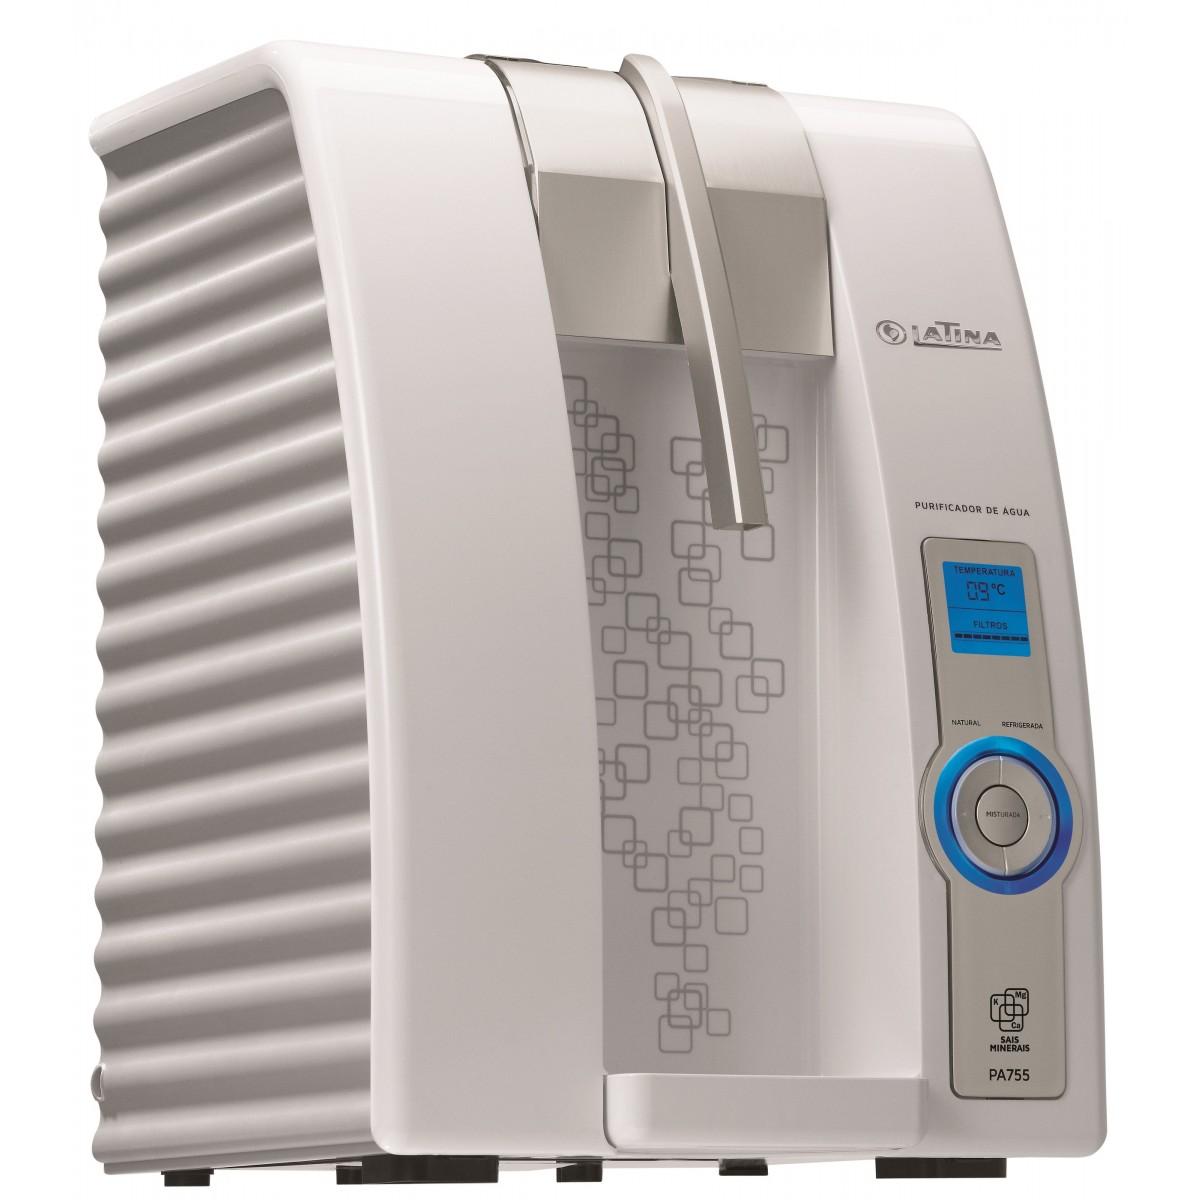 Purificador de Água Eletrônico Refrigerado Latina PA755 com Visor LED Branco  - ShopNoroeste.com.br